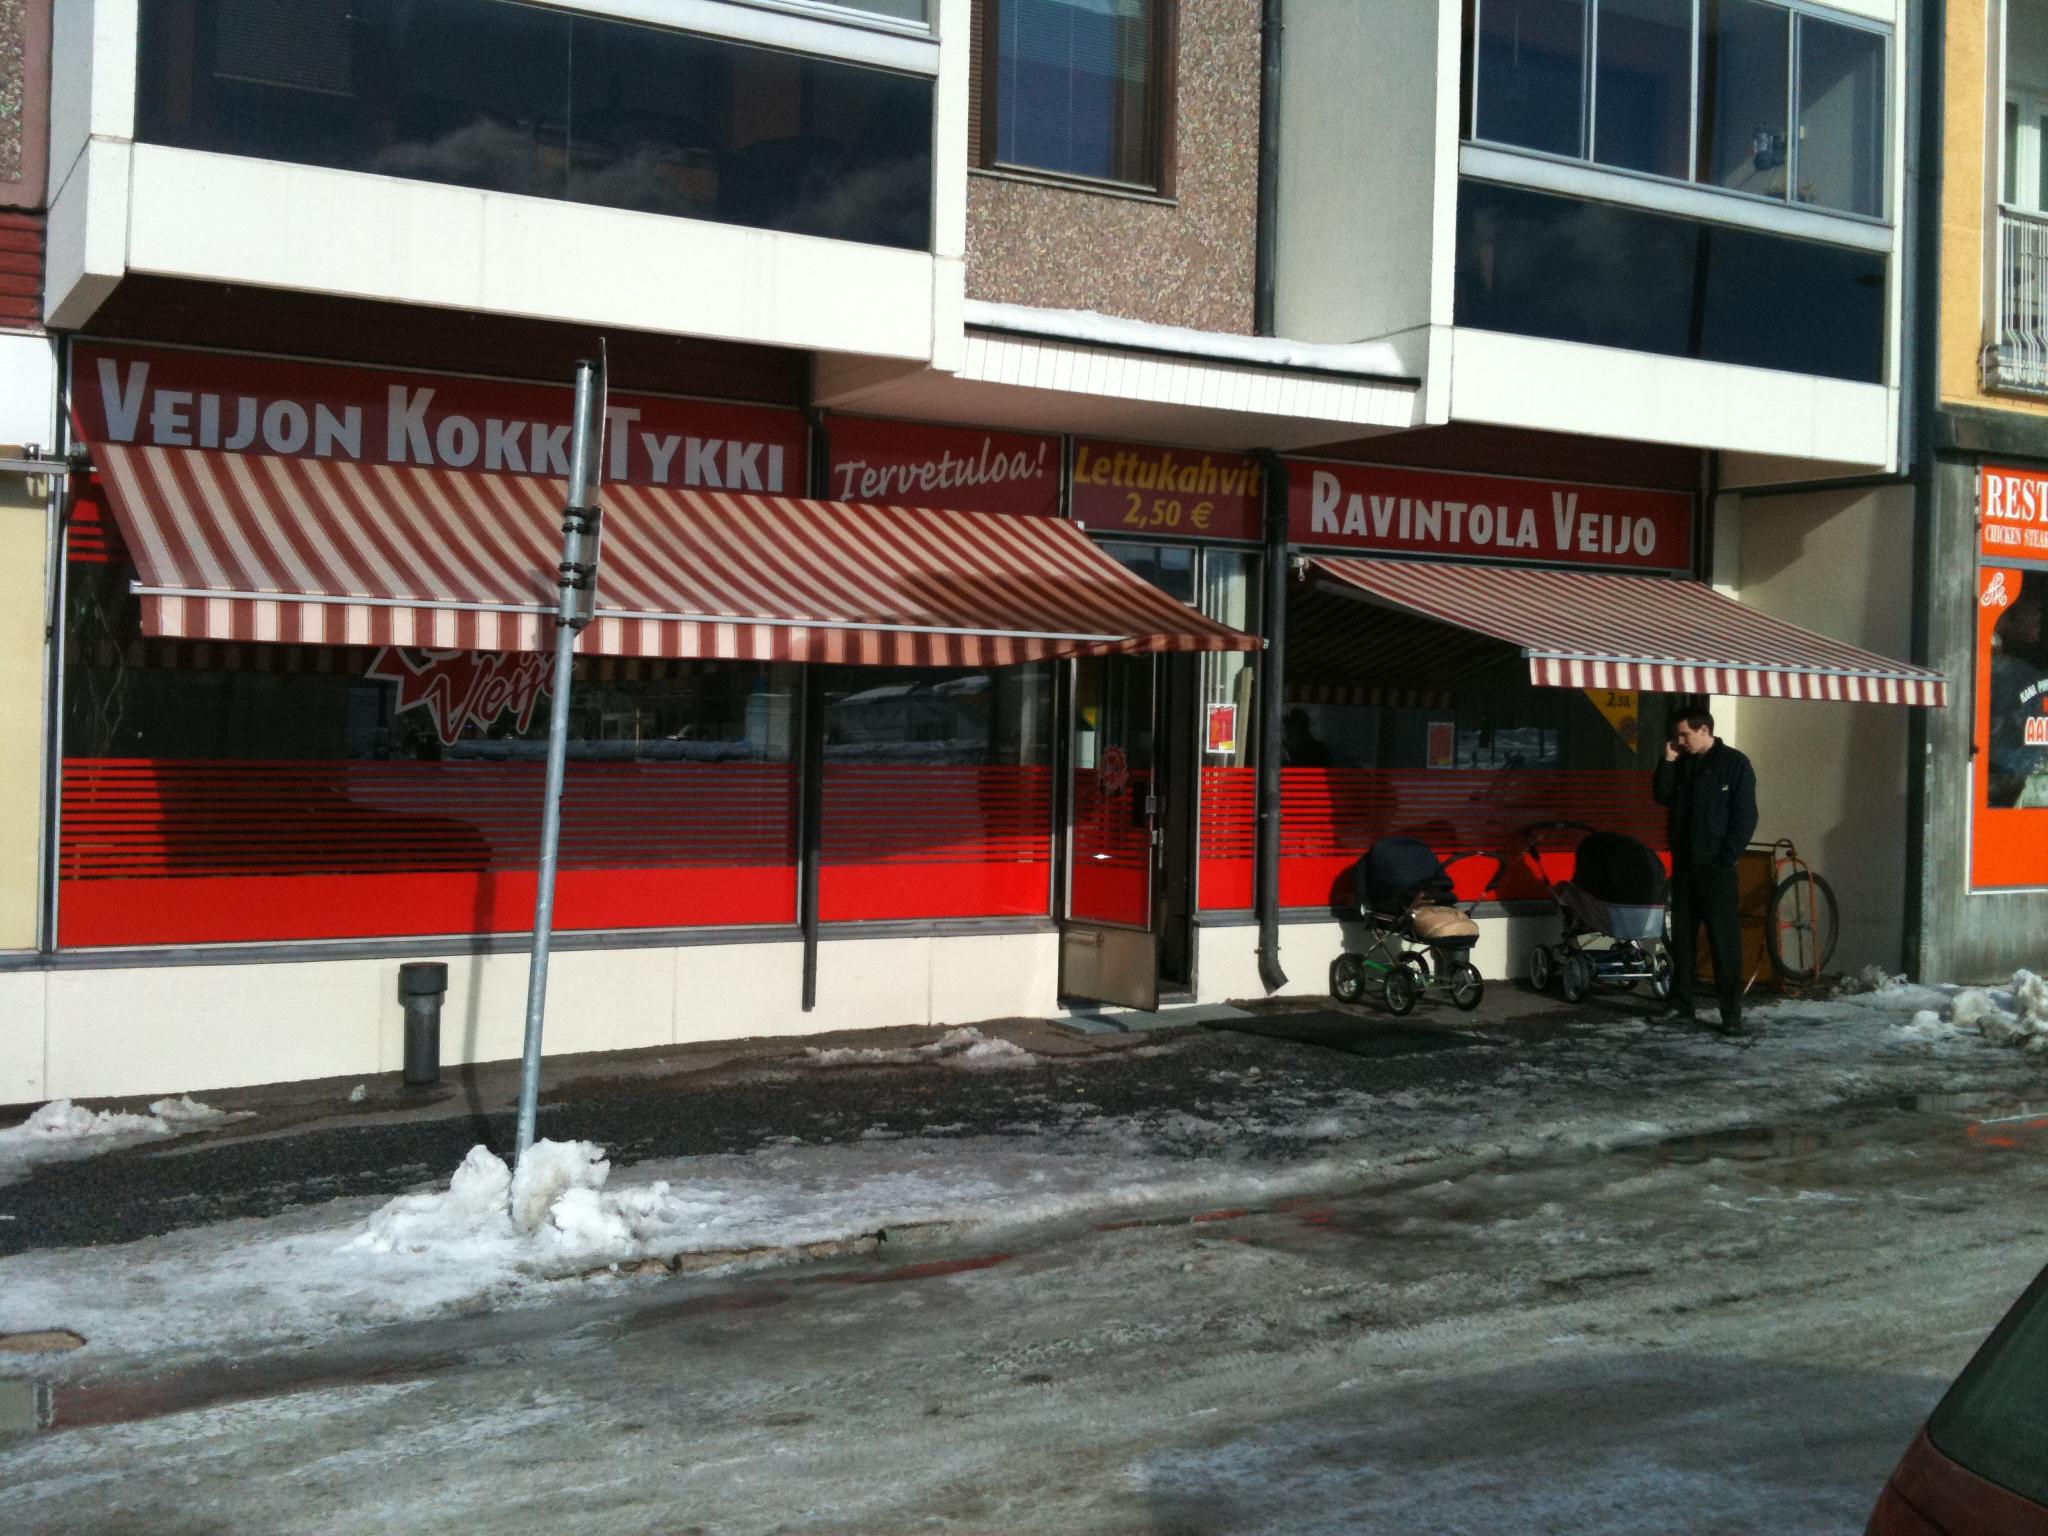 Veijon Kokkitykki, Tampere